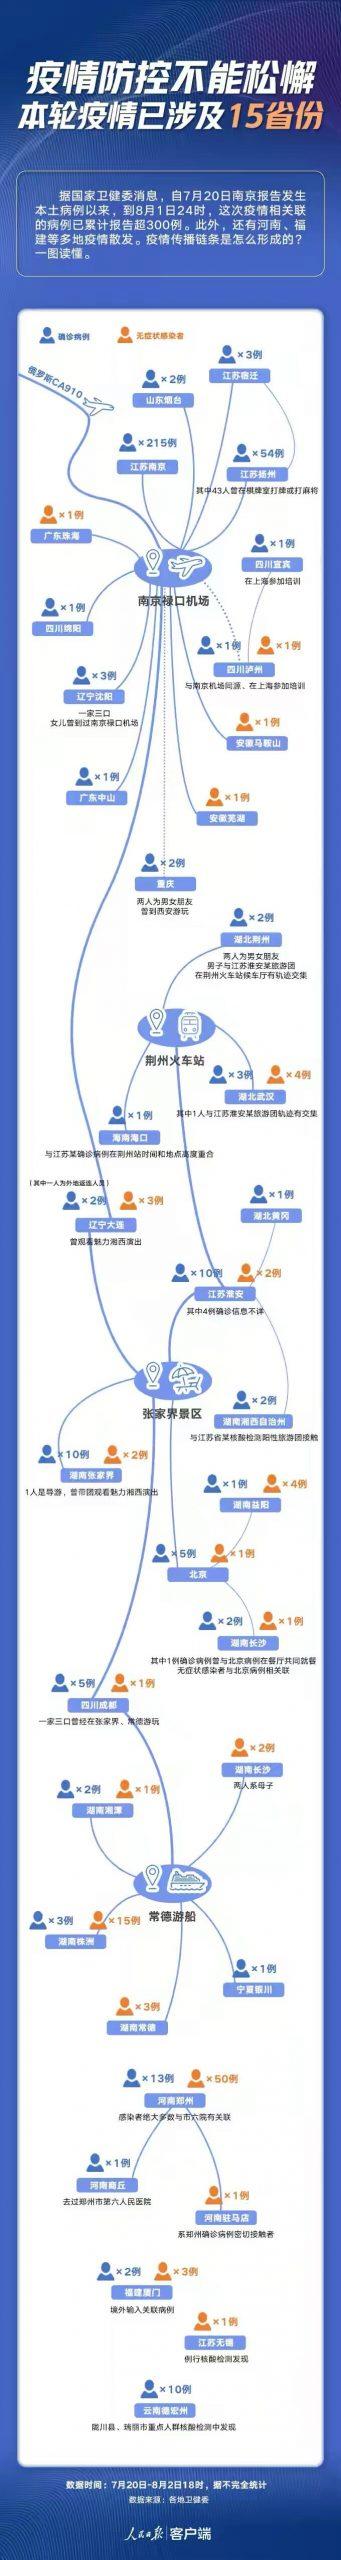 図1:「人民網」のアプリに見る南京禄口空港から発生したデルタ株感染者の動線